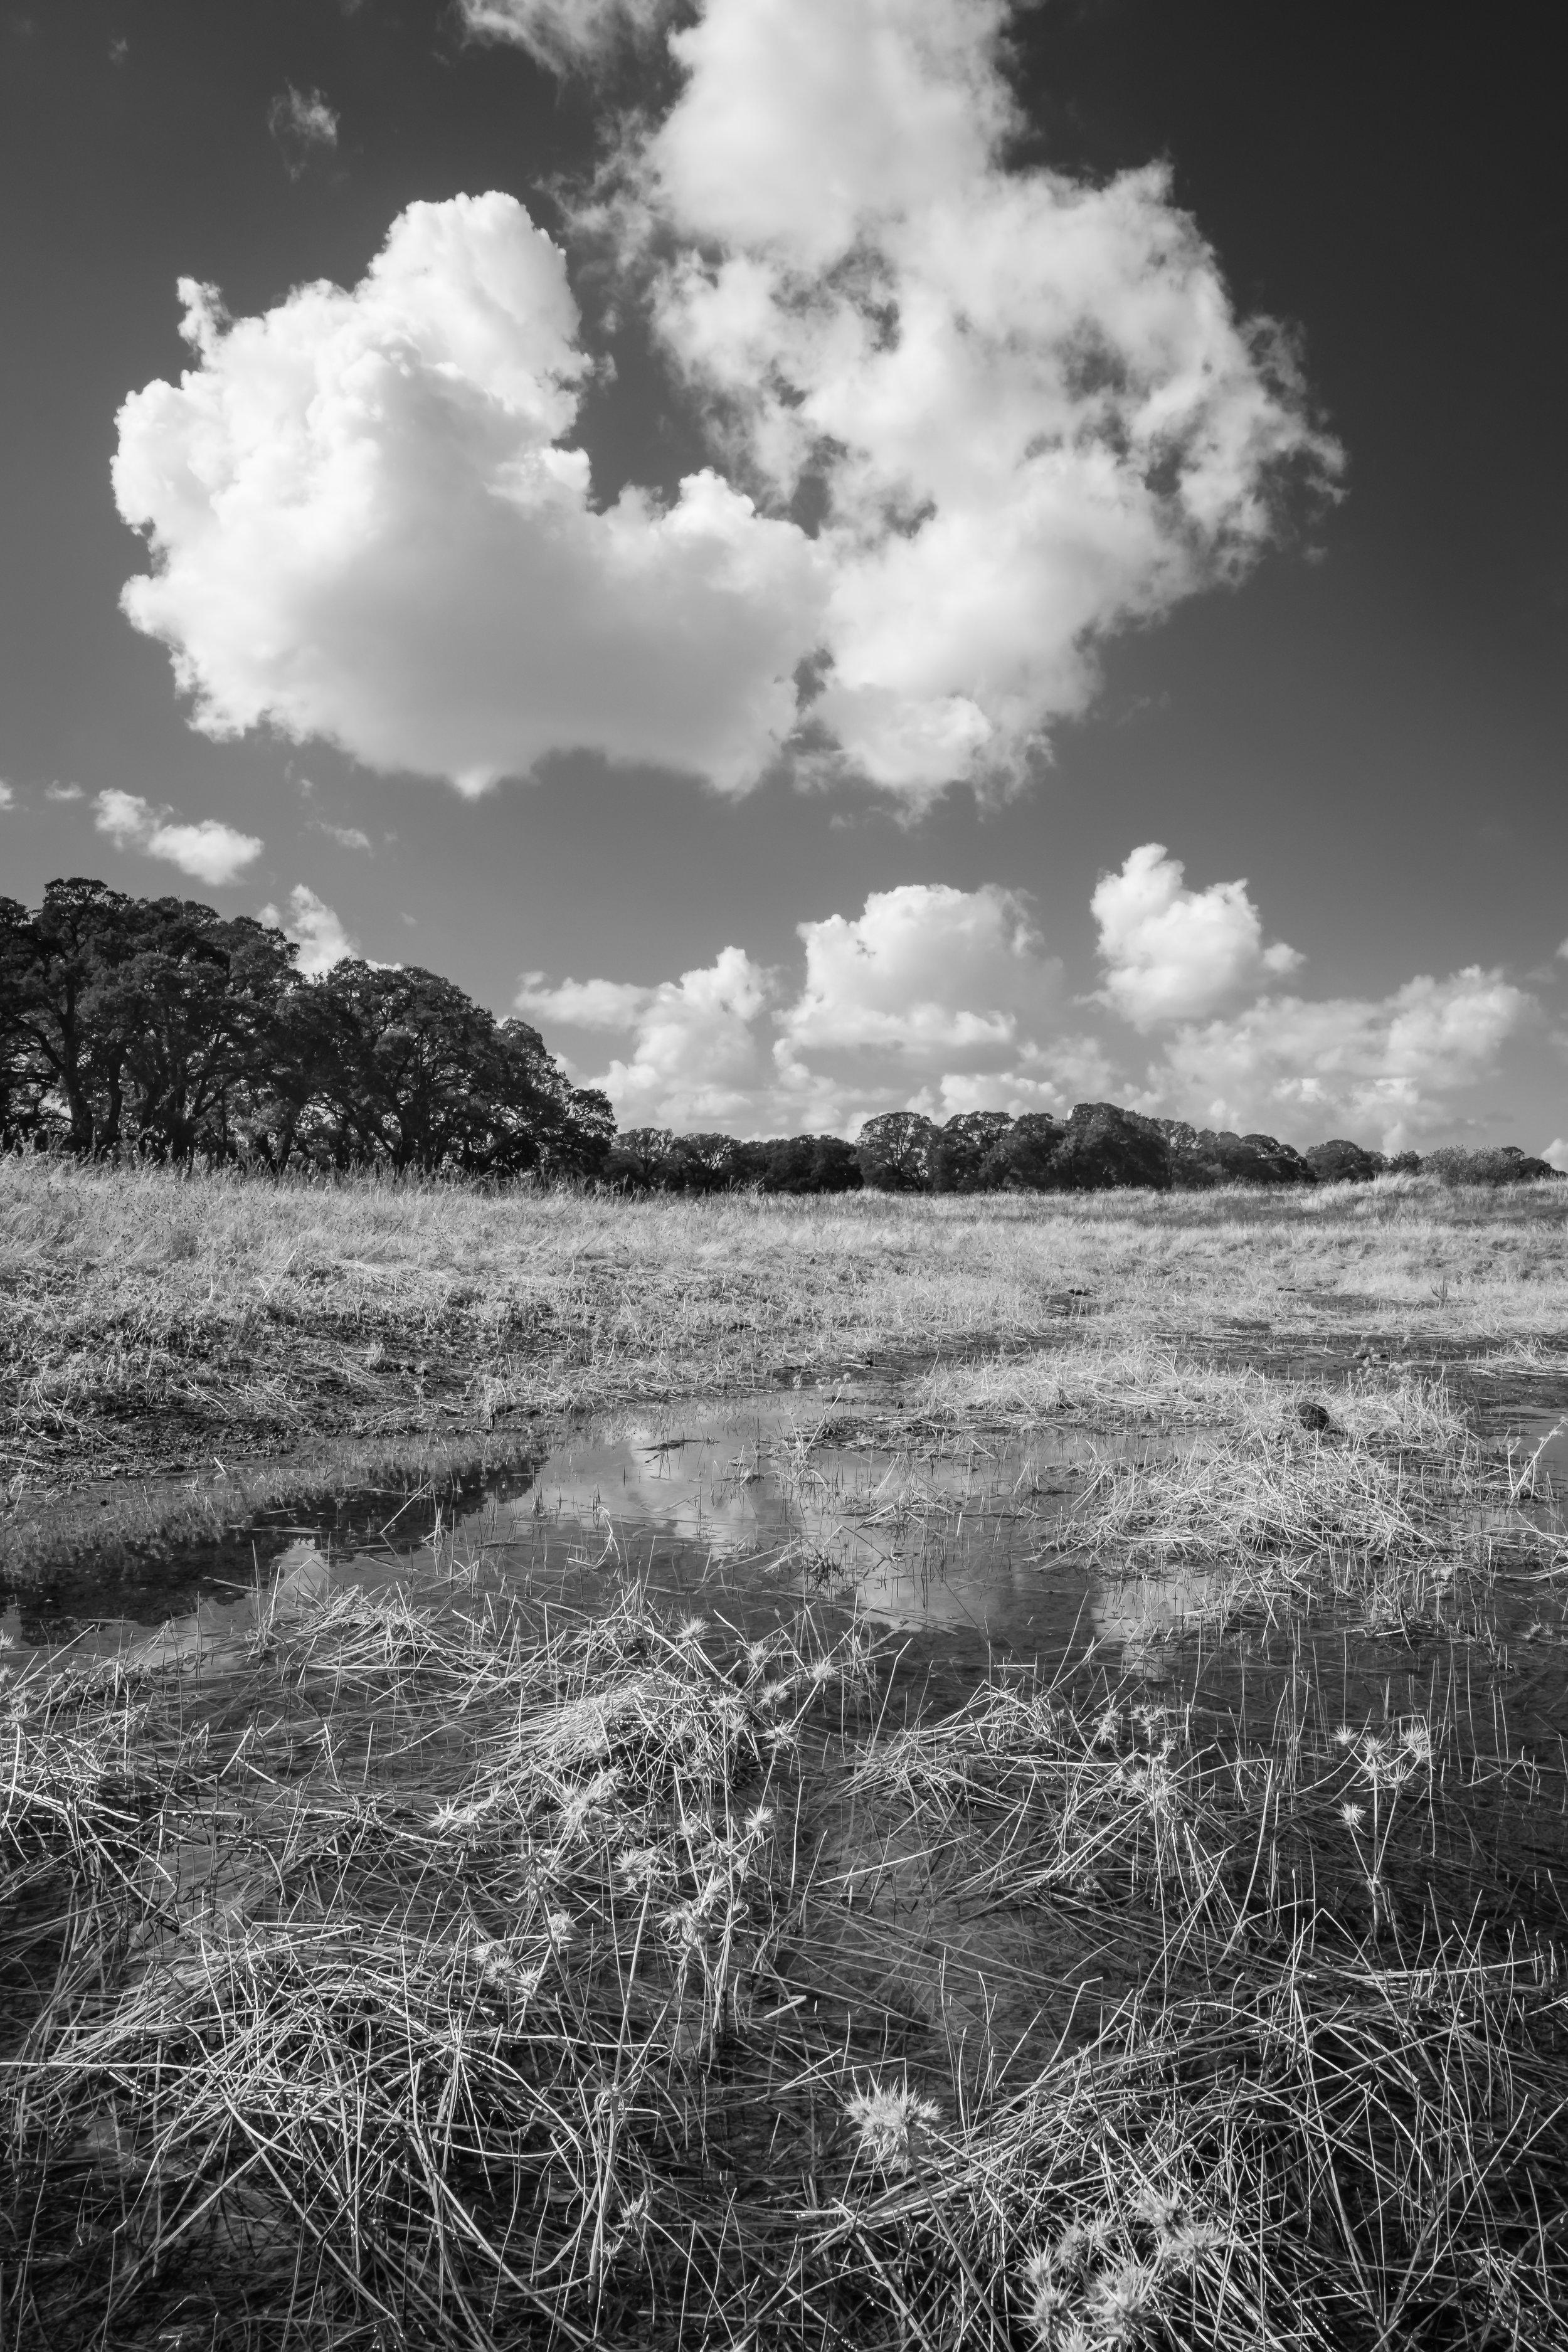 Early Season Wetland